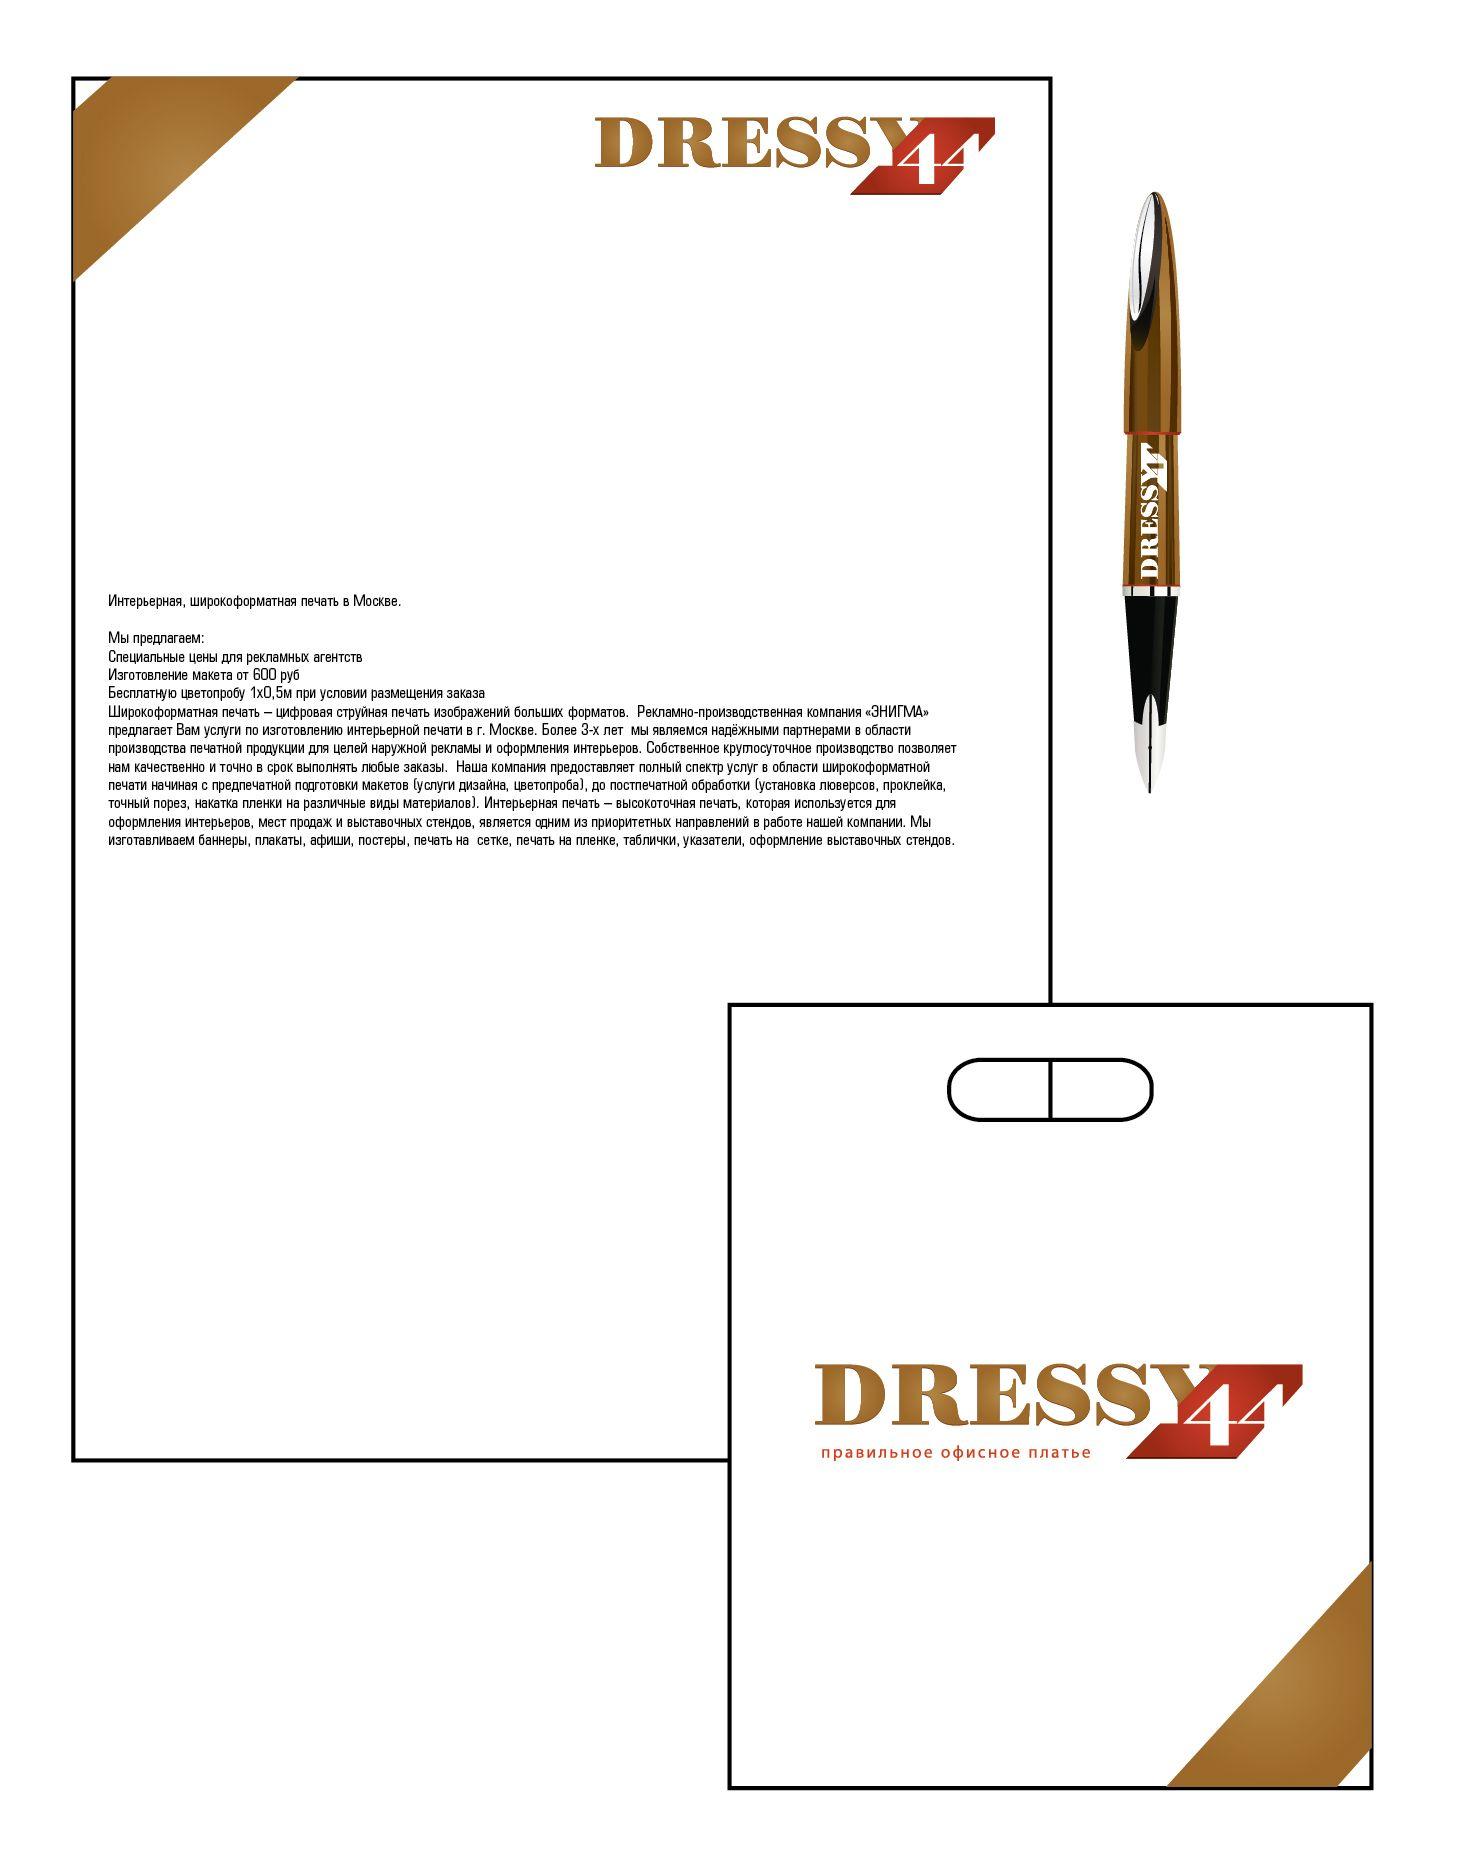 разработка логотипа _производство платьев - дизайнер kakakio25